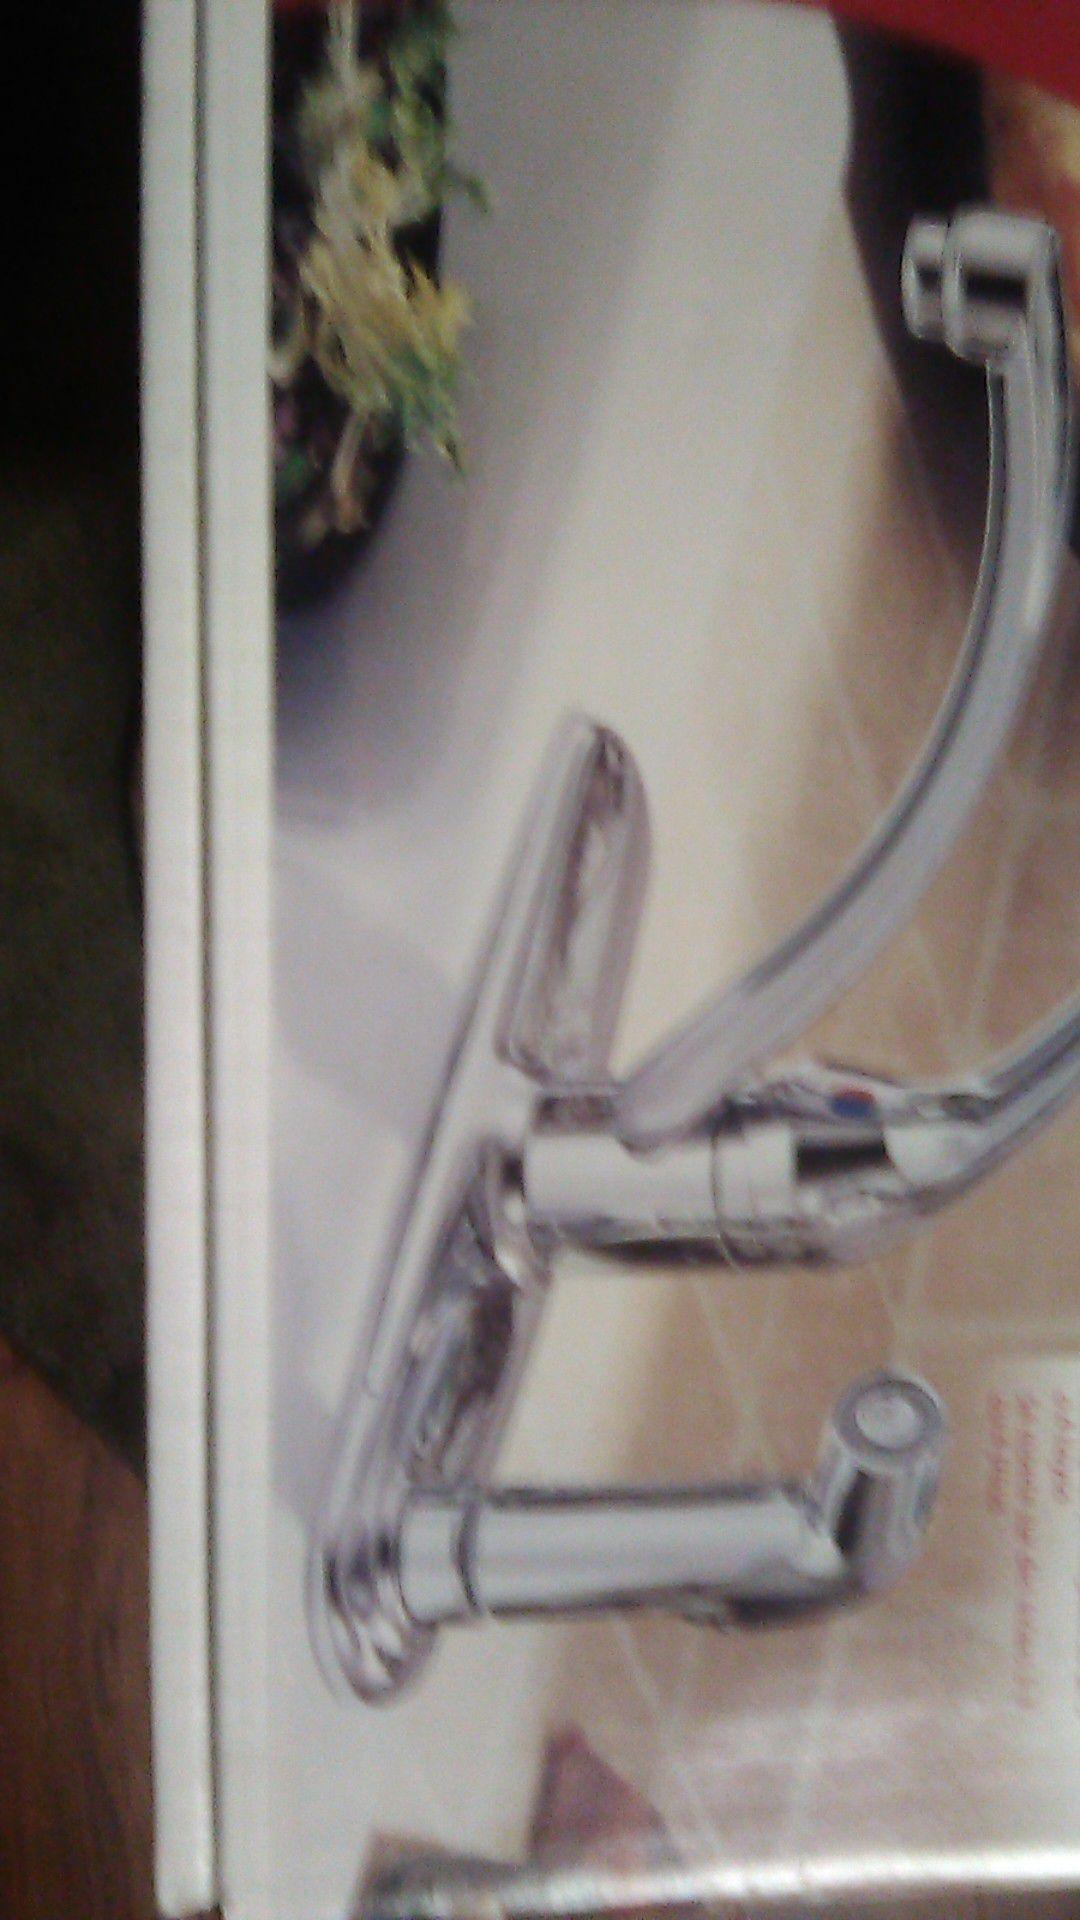 Delta single handle kithen faucet model# 340-wf